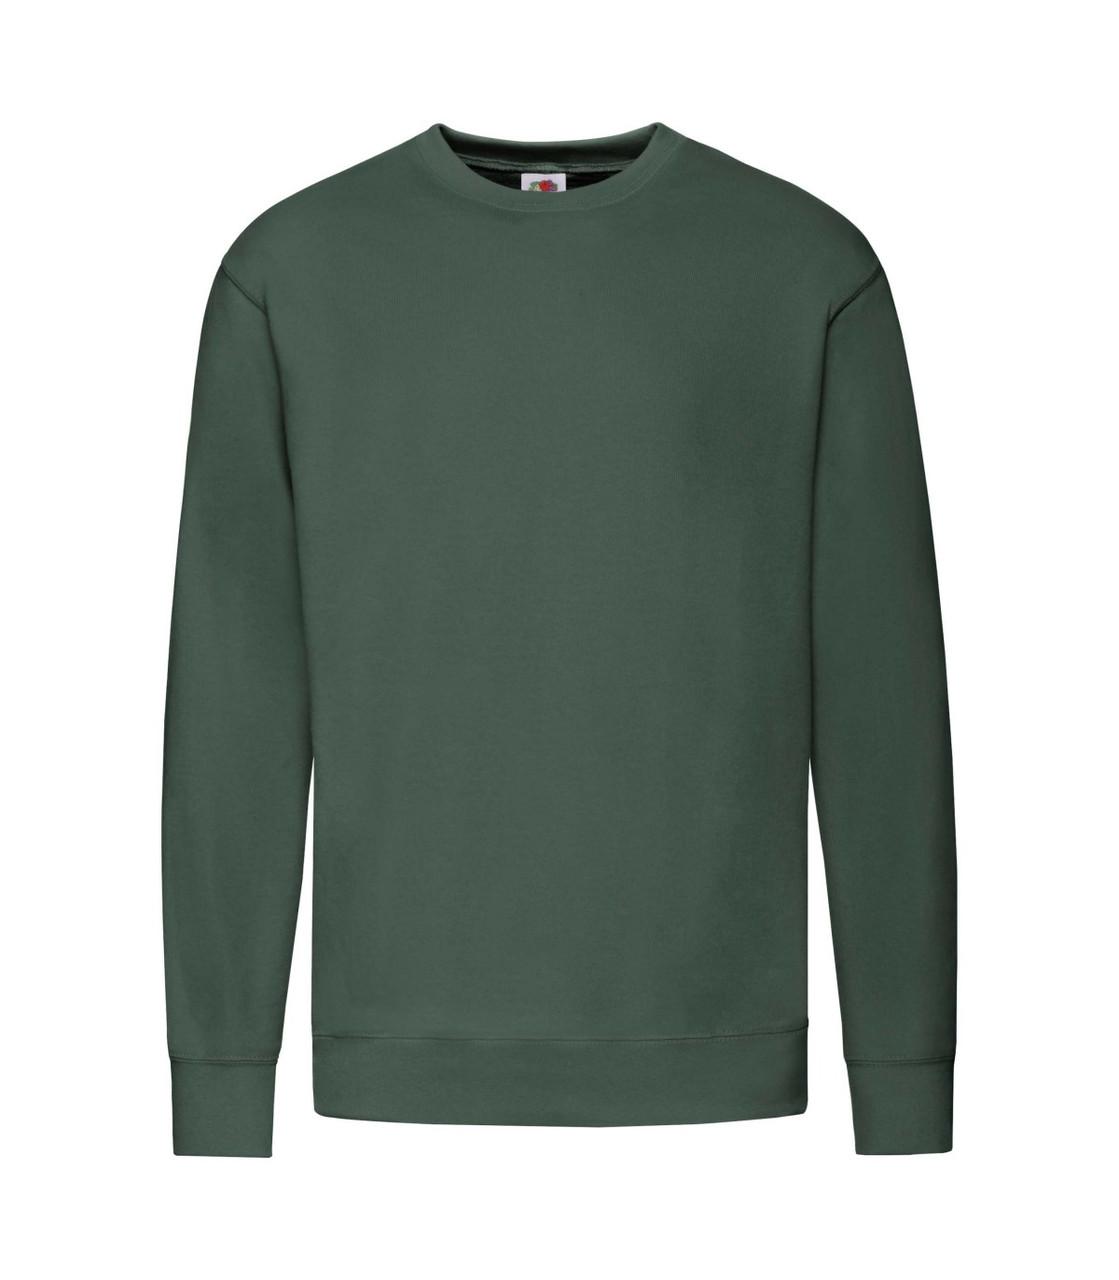 Мужской свитер легкий темно-зеленый 156-38